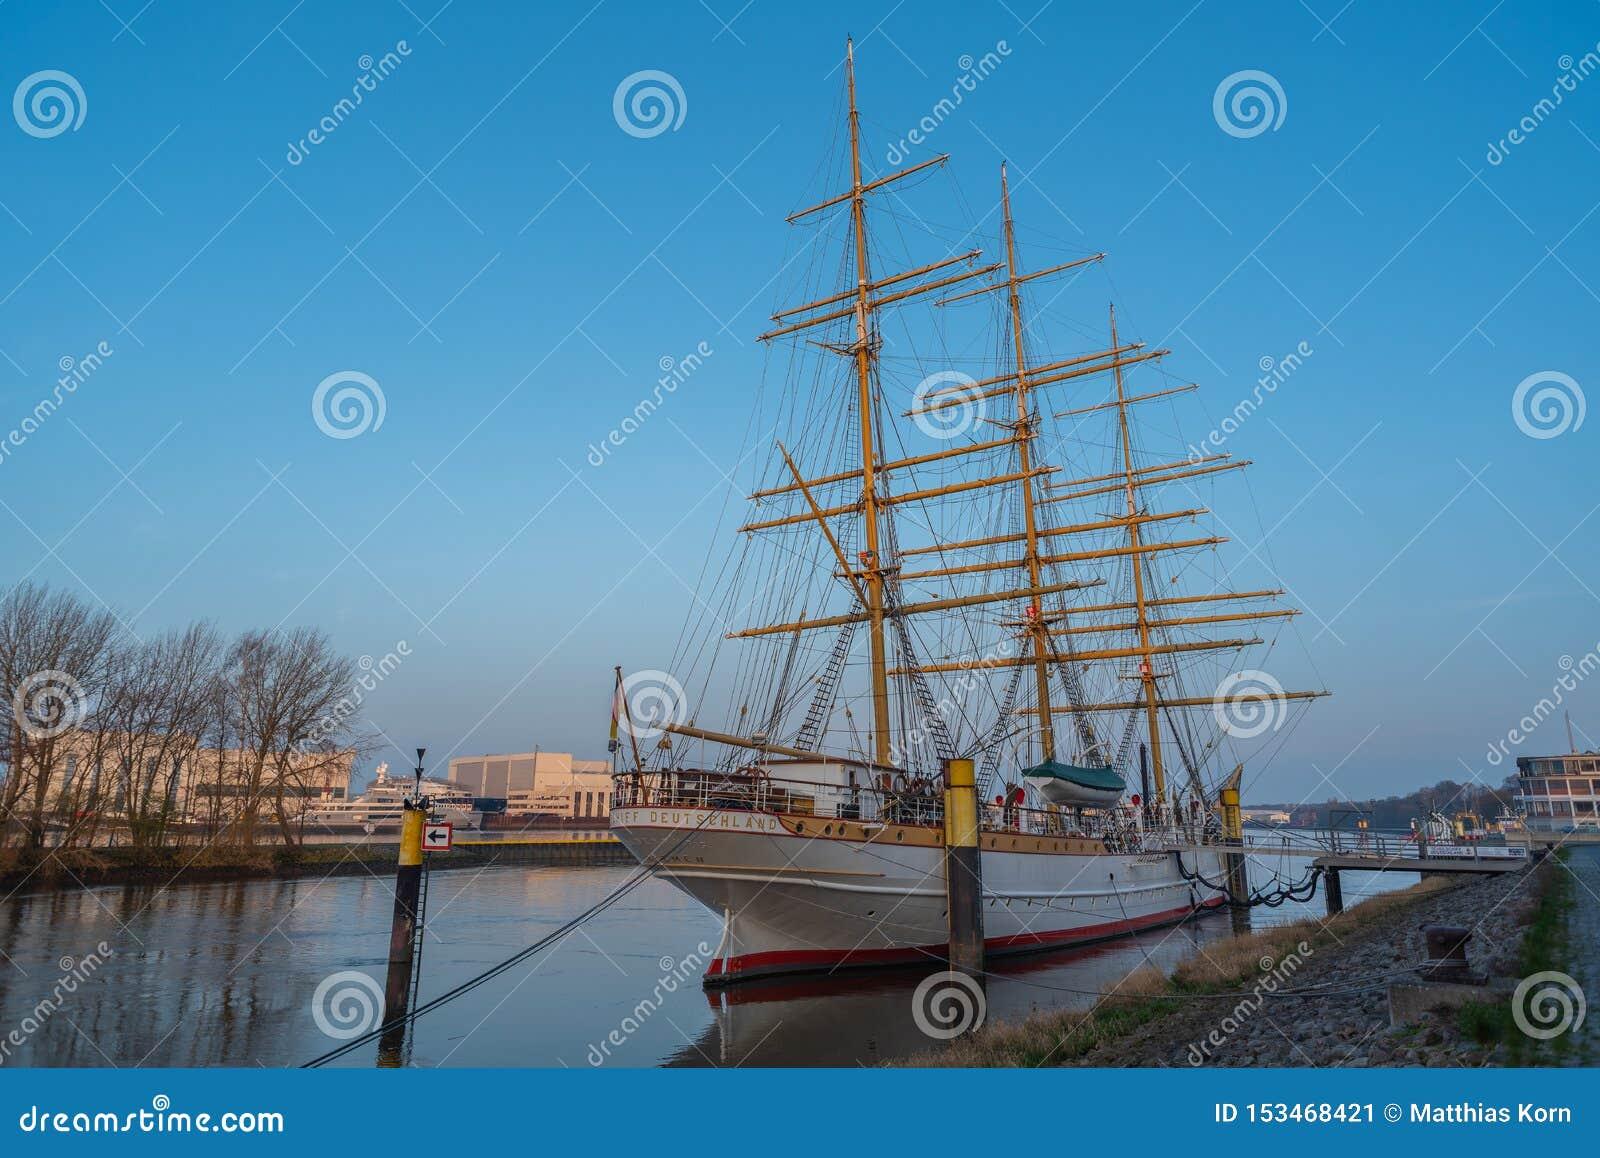 布里曼Vegesack,布里曼,德国- 2019年7月17日布里曼Vegesack,布里曼,德国- 2019 3月29日,风帆实习船德国是anc